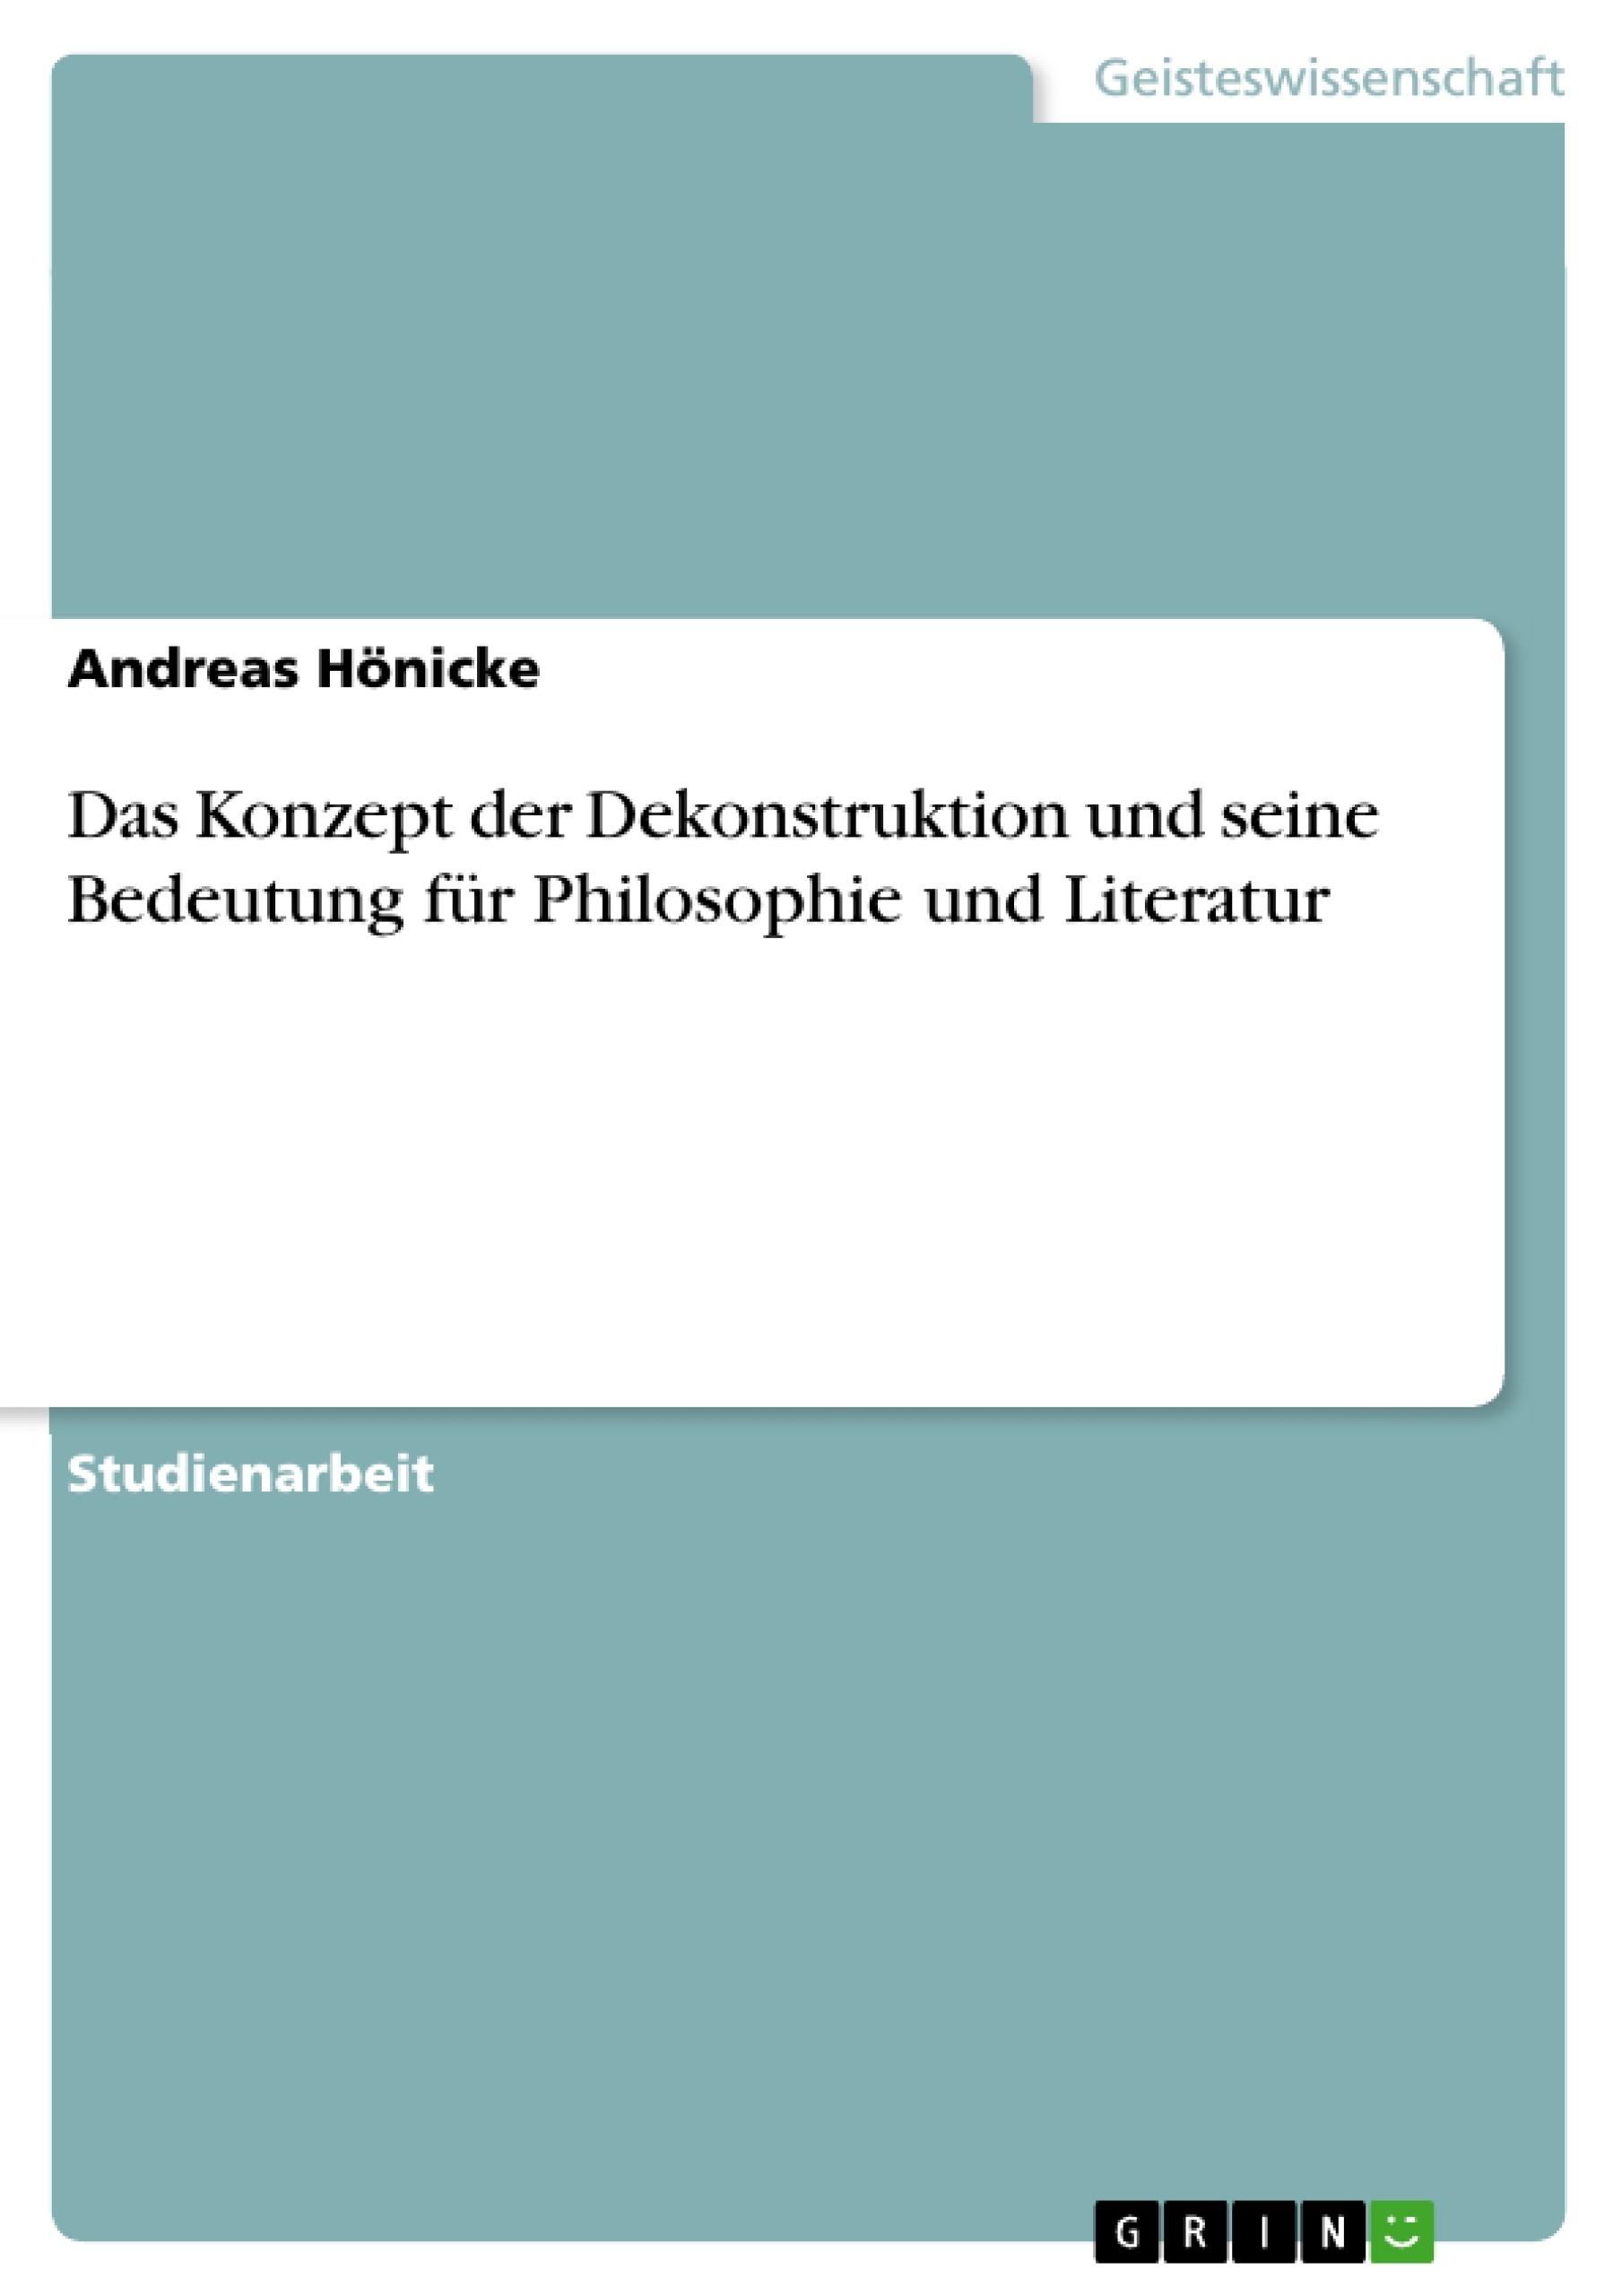 Titel: Das Konzept der Dekonstruktion und seine Bedeutung für Philosophie und Literatur